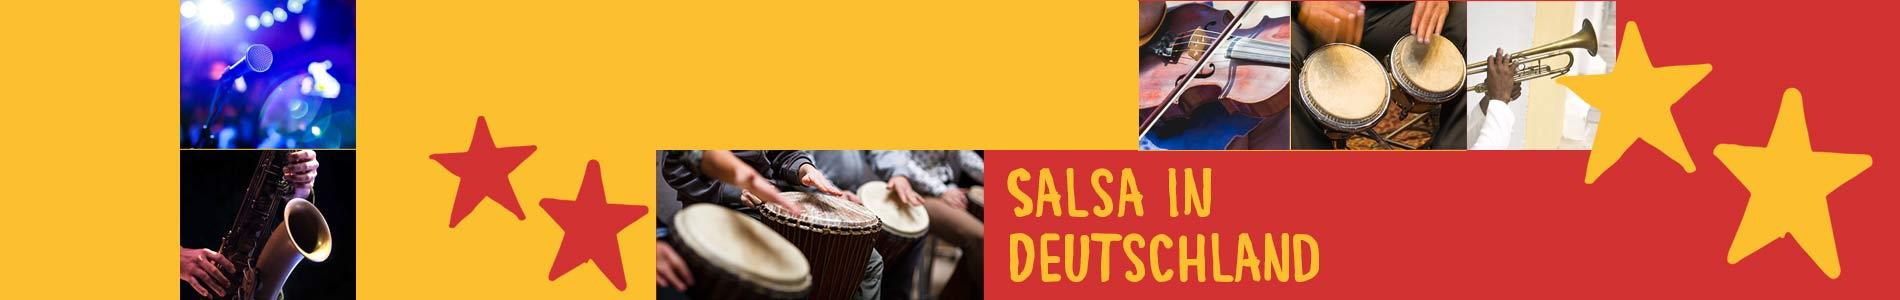 Salsa in Deensen – Salsa lernen und tanzen, Tanzkurse, Partys, Veranstaltungen